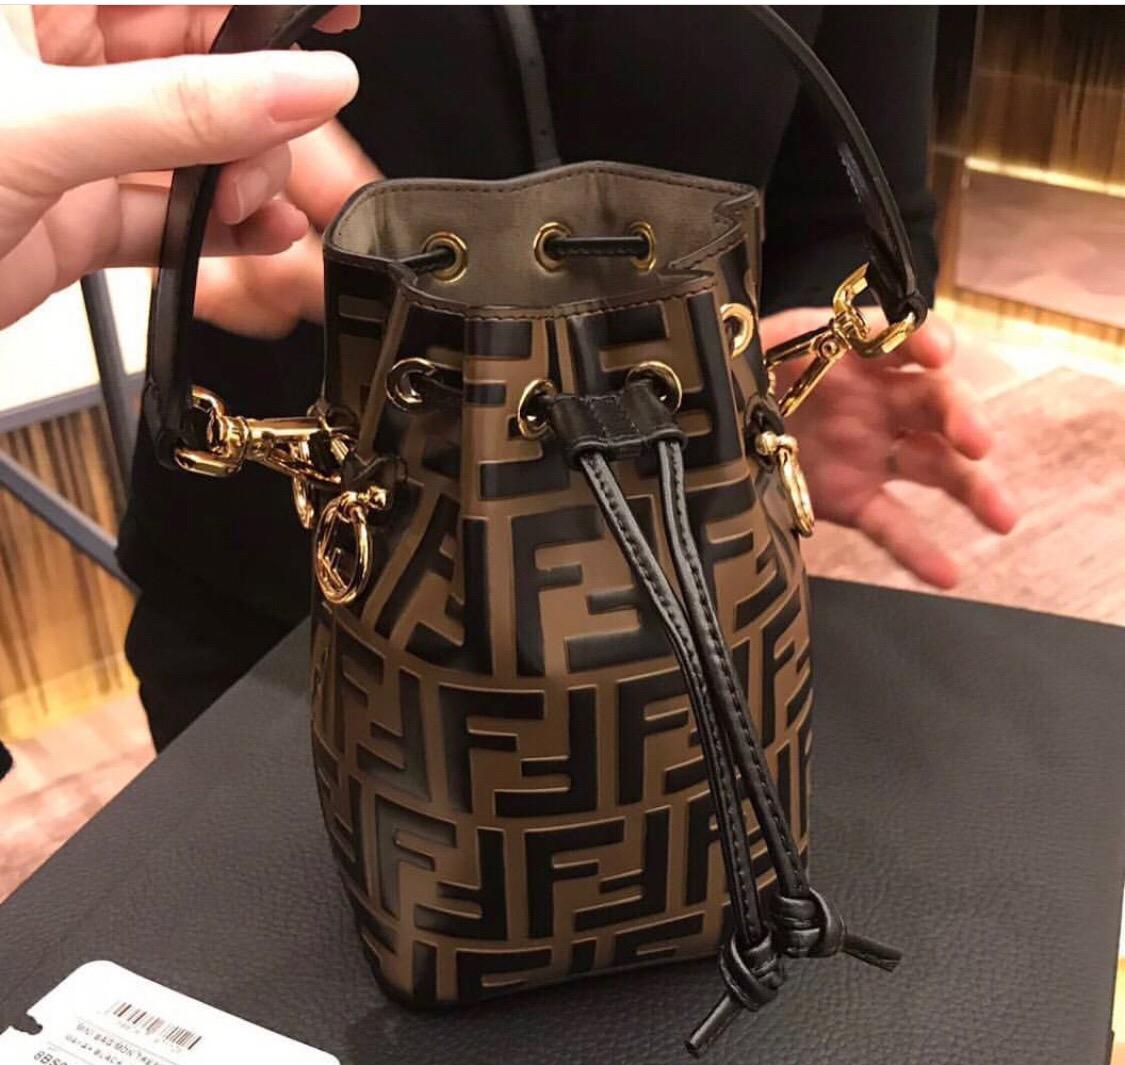 黑色水桶包 19新款真皮Mini手提水桶包印花字母牛皮黑色包_推荐淘宝好看的黑色水桶包